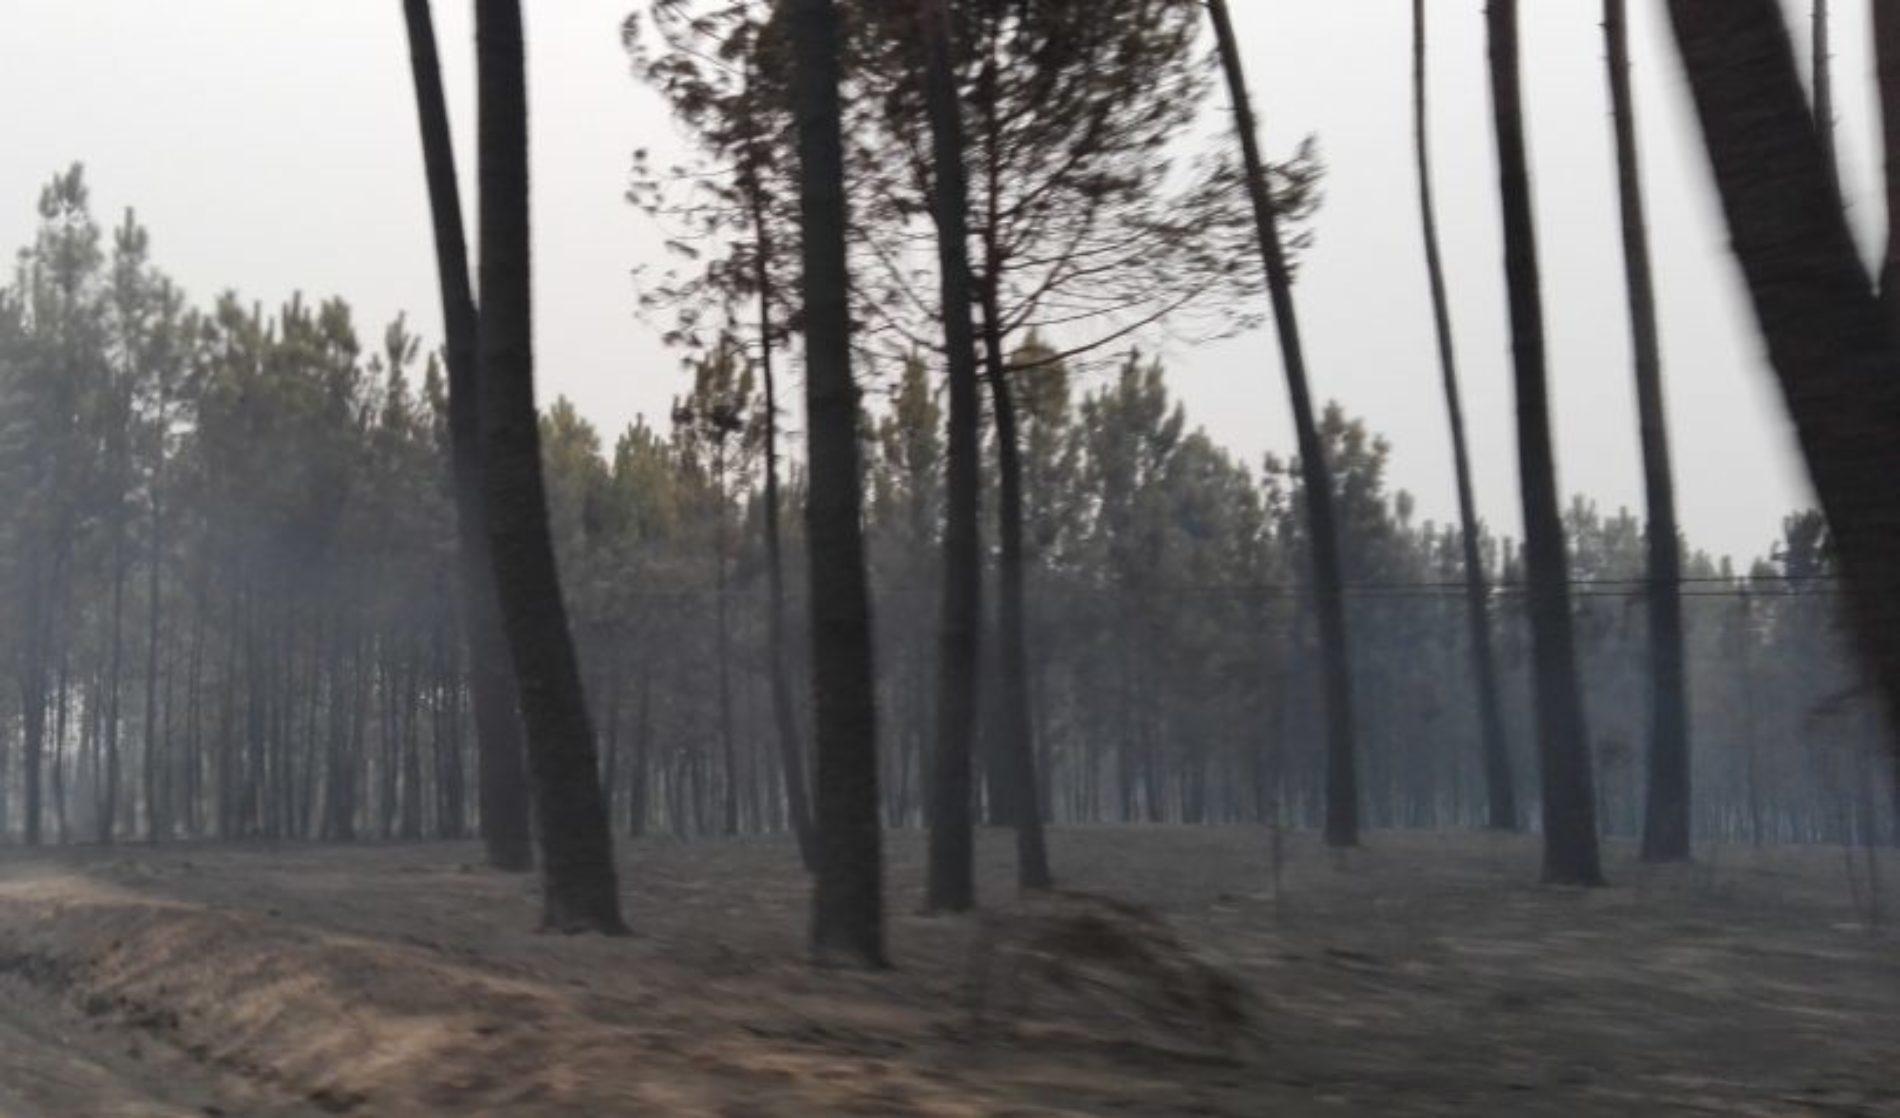 Incêndios: Estado faz leilão de madeira queimada e espera recolher mais de 25 milhões de euros